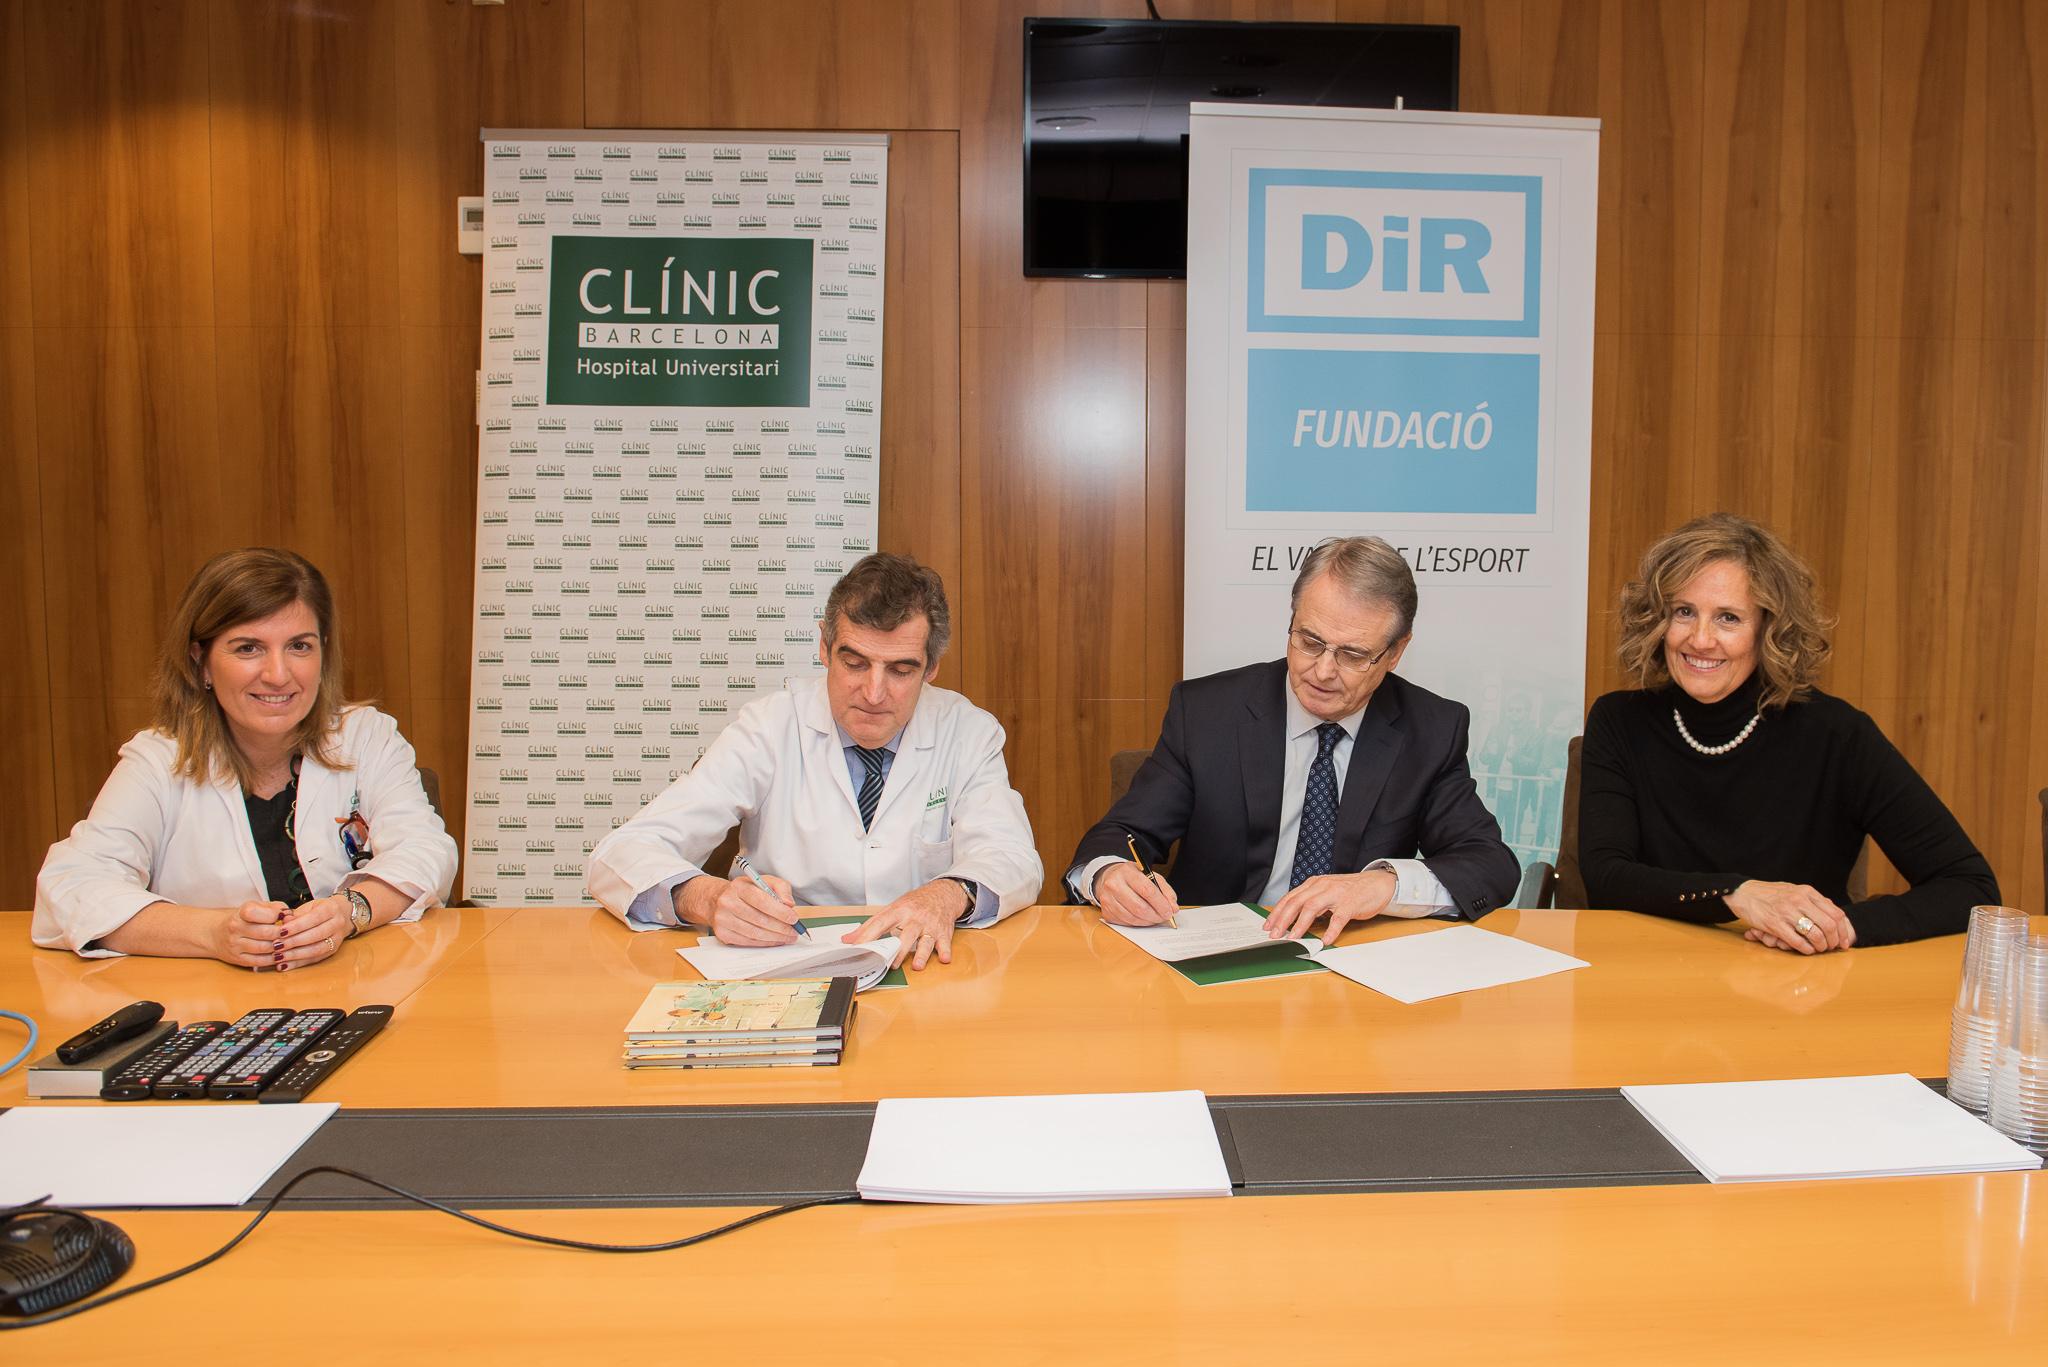 DiR y el Hospital Clínic firman un acuerdo para ofrecer un servicio de rehabilitación gratuito a pacientes con problemas cardíacos